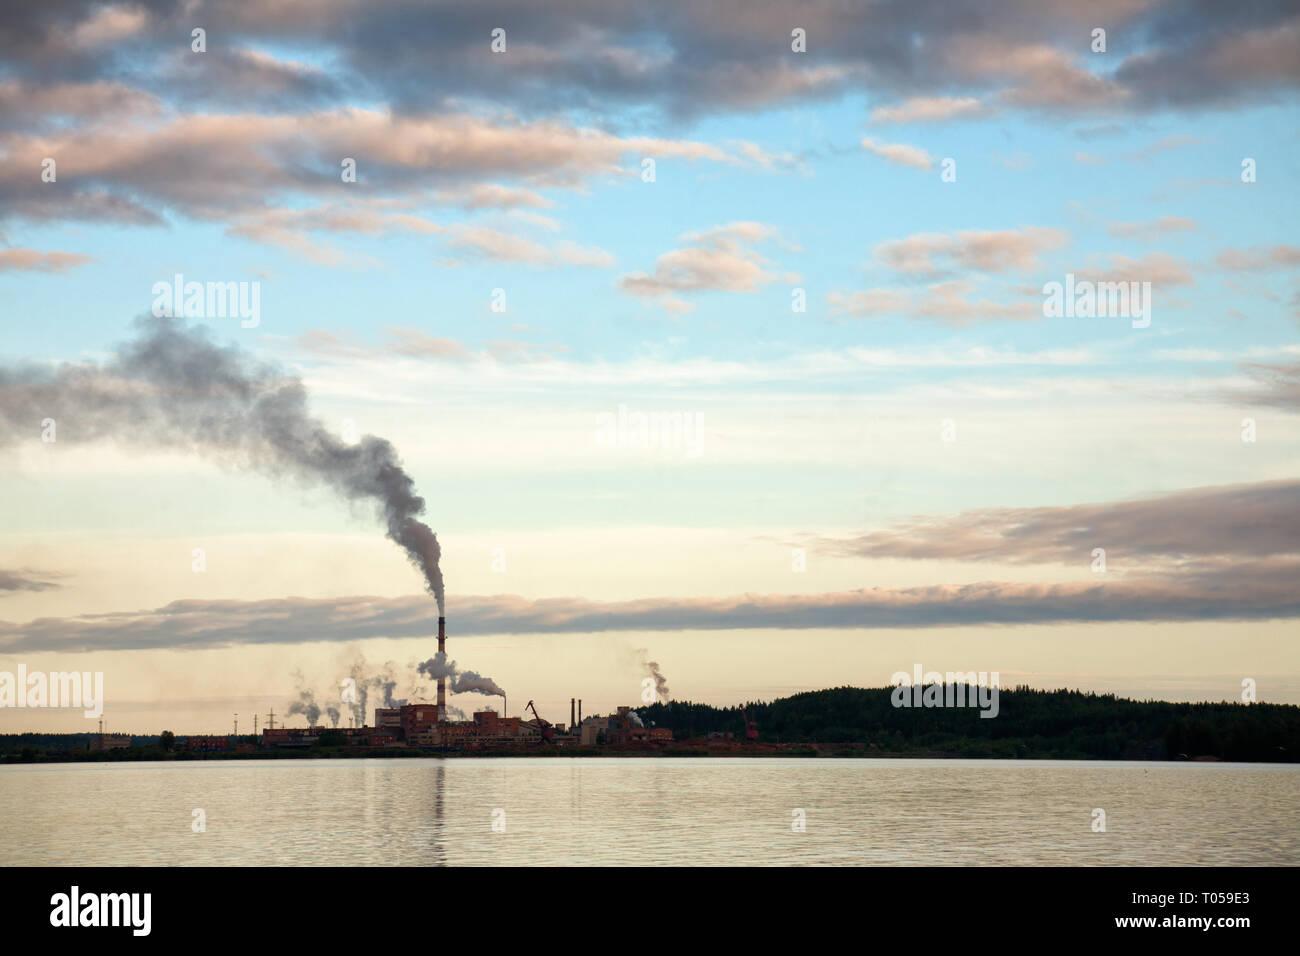 Pipe di pasta per carta e carta fabbrica sulle sponde di un lago in Russia - le emissioni di biossido di carbonio di inquinamento delle acque questioni ambientali concetto Immagini Stock